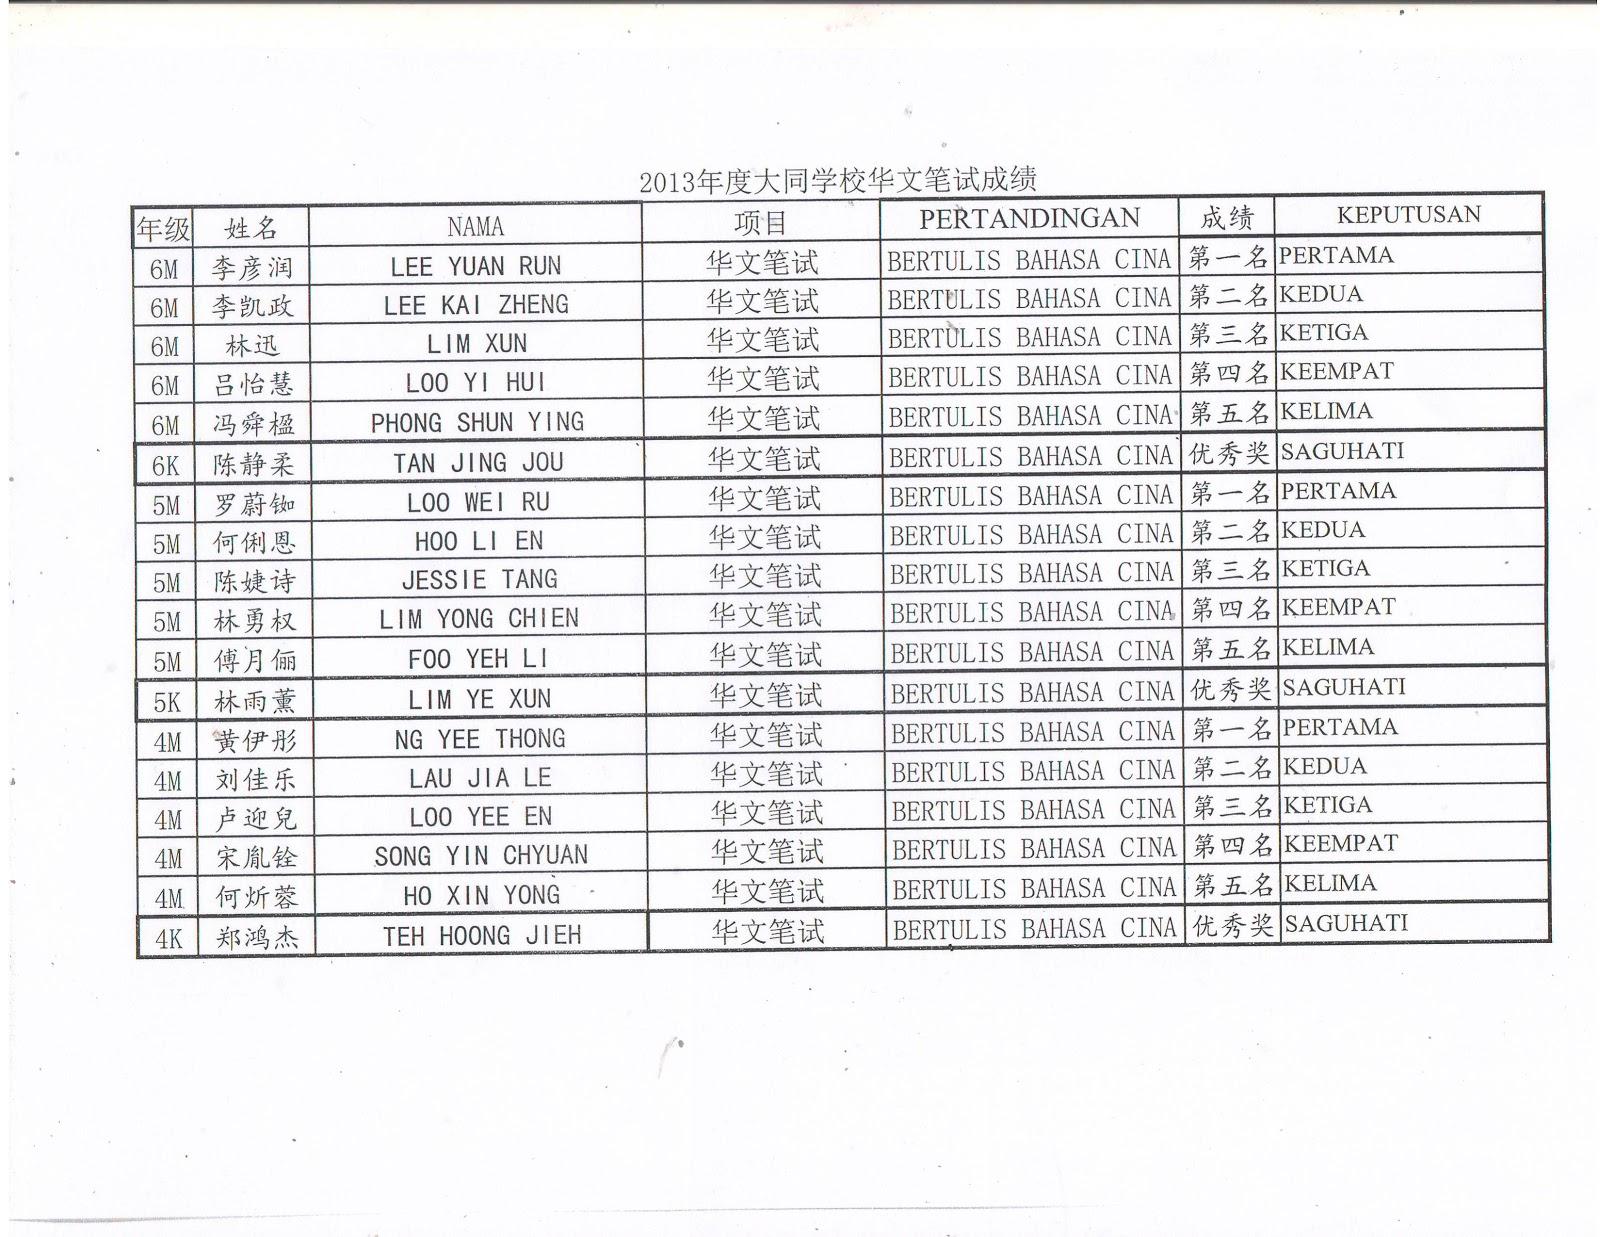 双溪大年大同学校: 2013年度大同学校华文笔试成绩